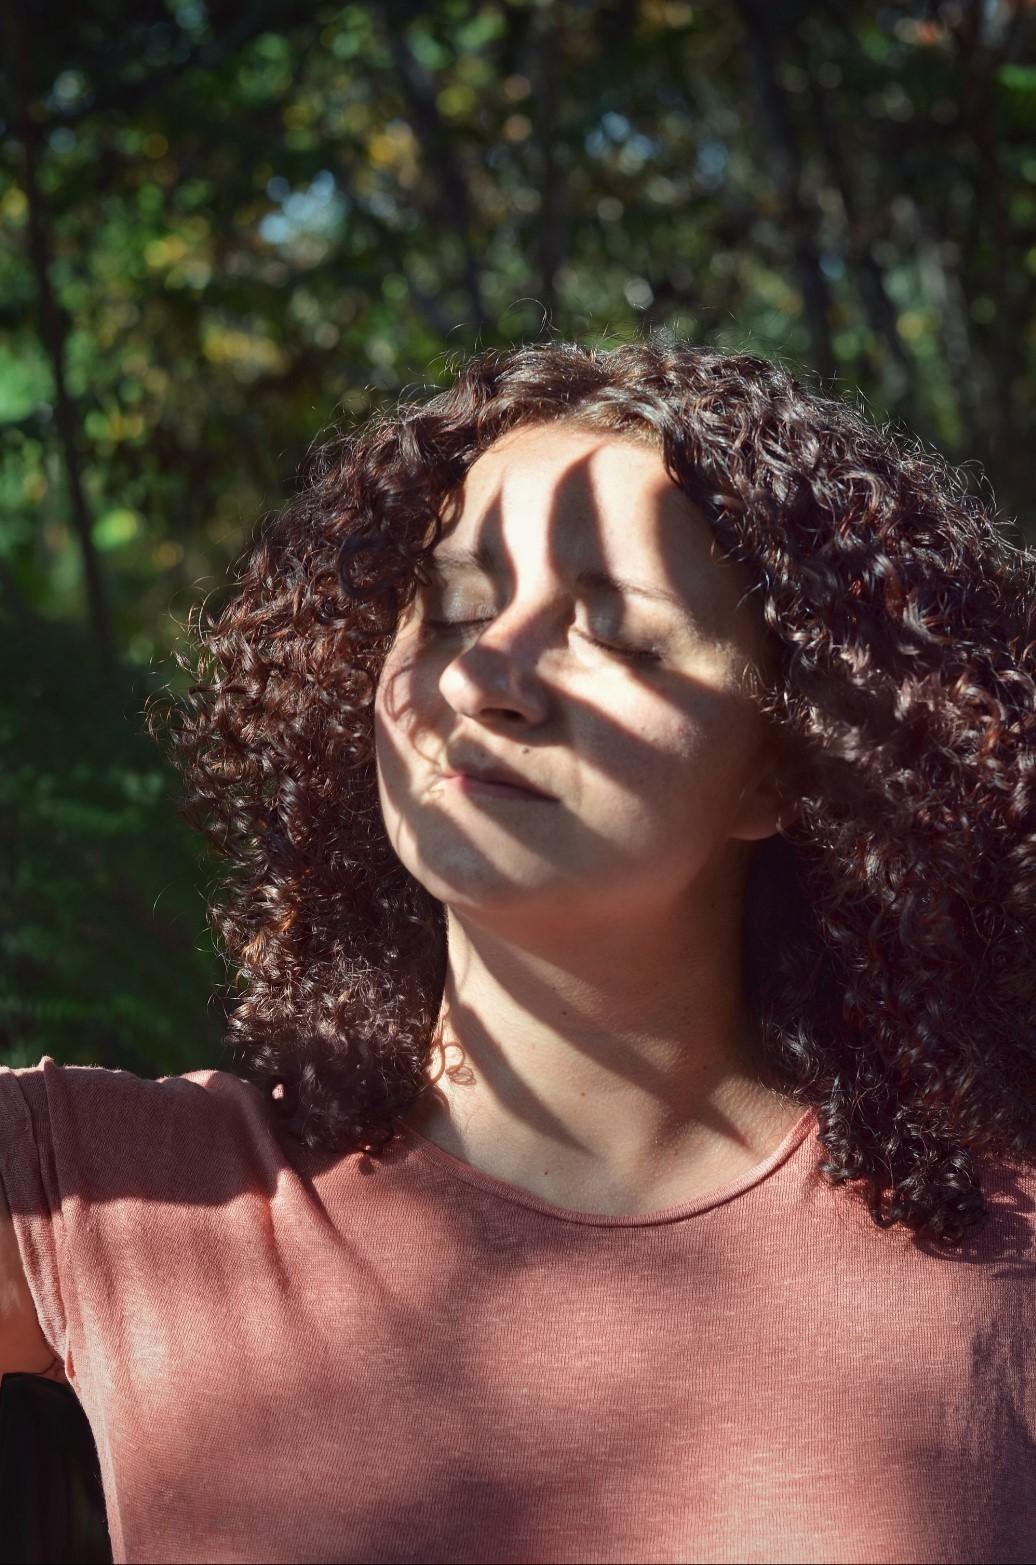 visage femme avec ombre de feuille